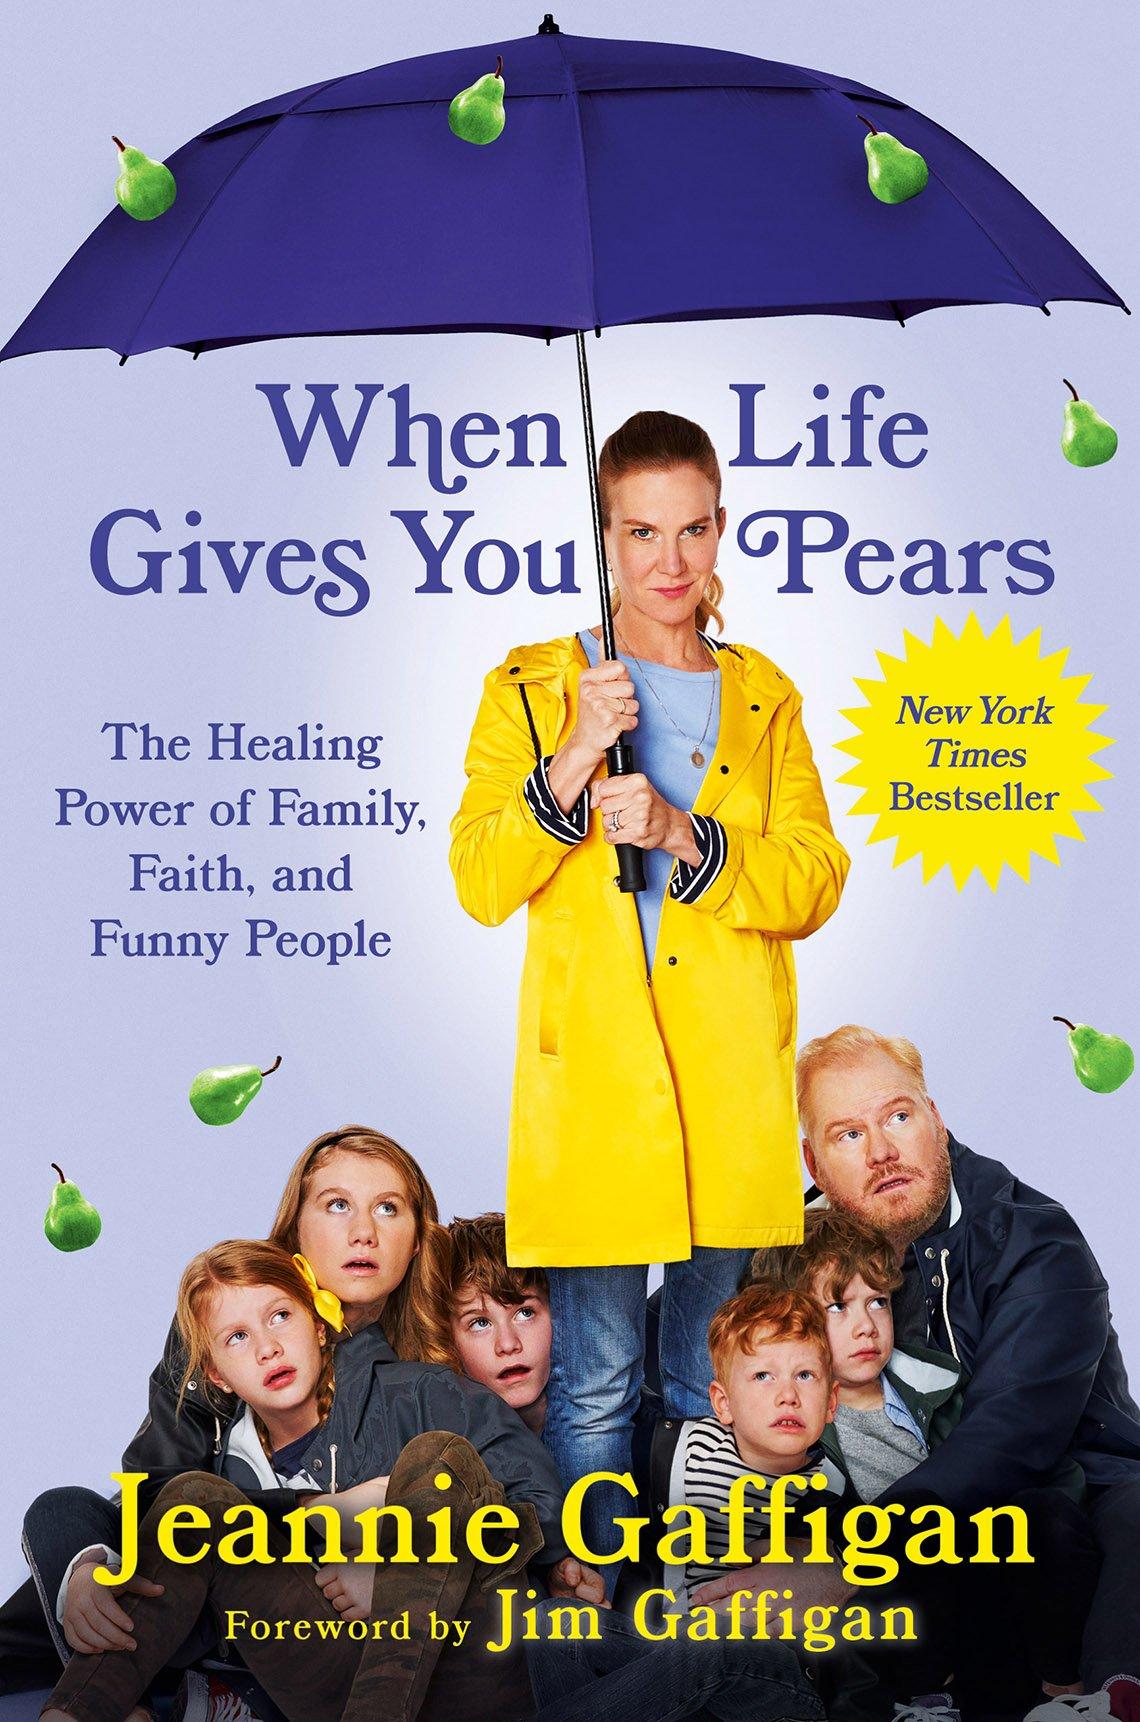 Portada del libro When Life Gives You Pears. Jeannie Gaffigan y su familia de pie bajo un paraguas morado mientras llueve peras